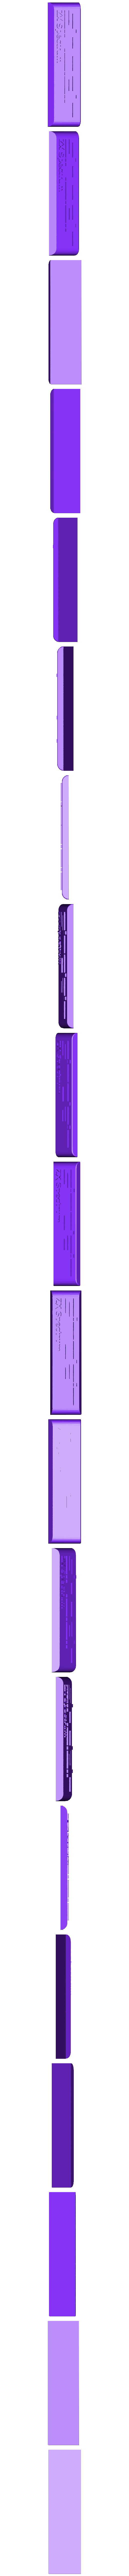 TEXTO_ZX.stl Télécharger fichier STL gratuit SINCLAIR ZX Spectre V1.0 • Modèle imprimable en 3D, EugenioFructuoso